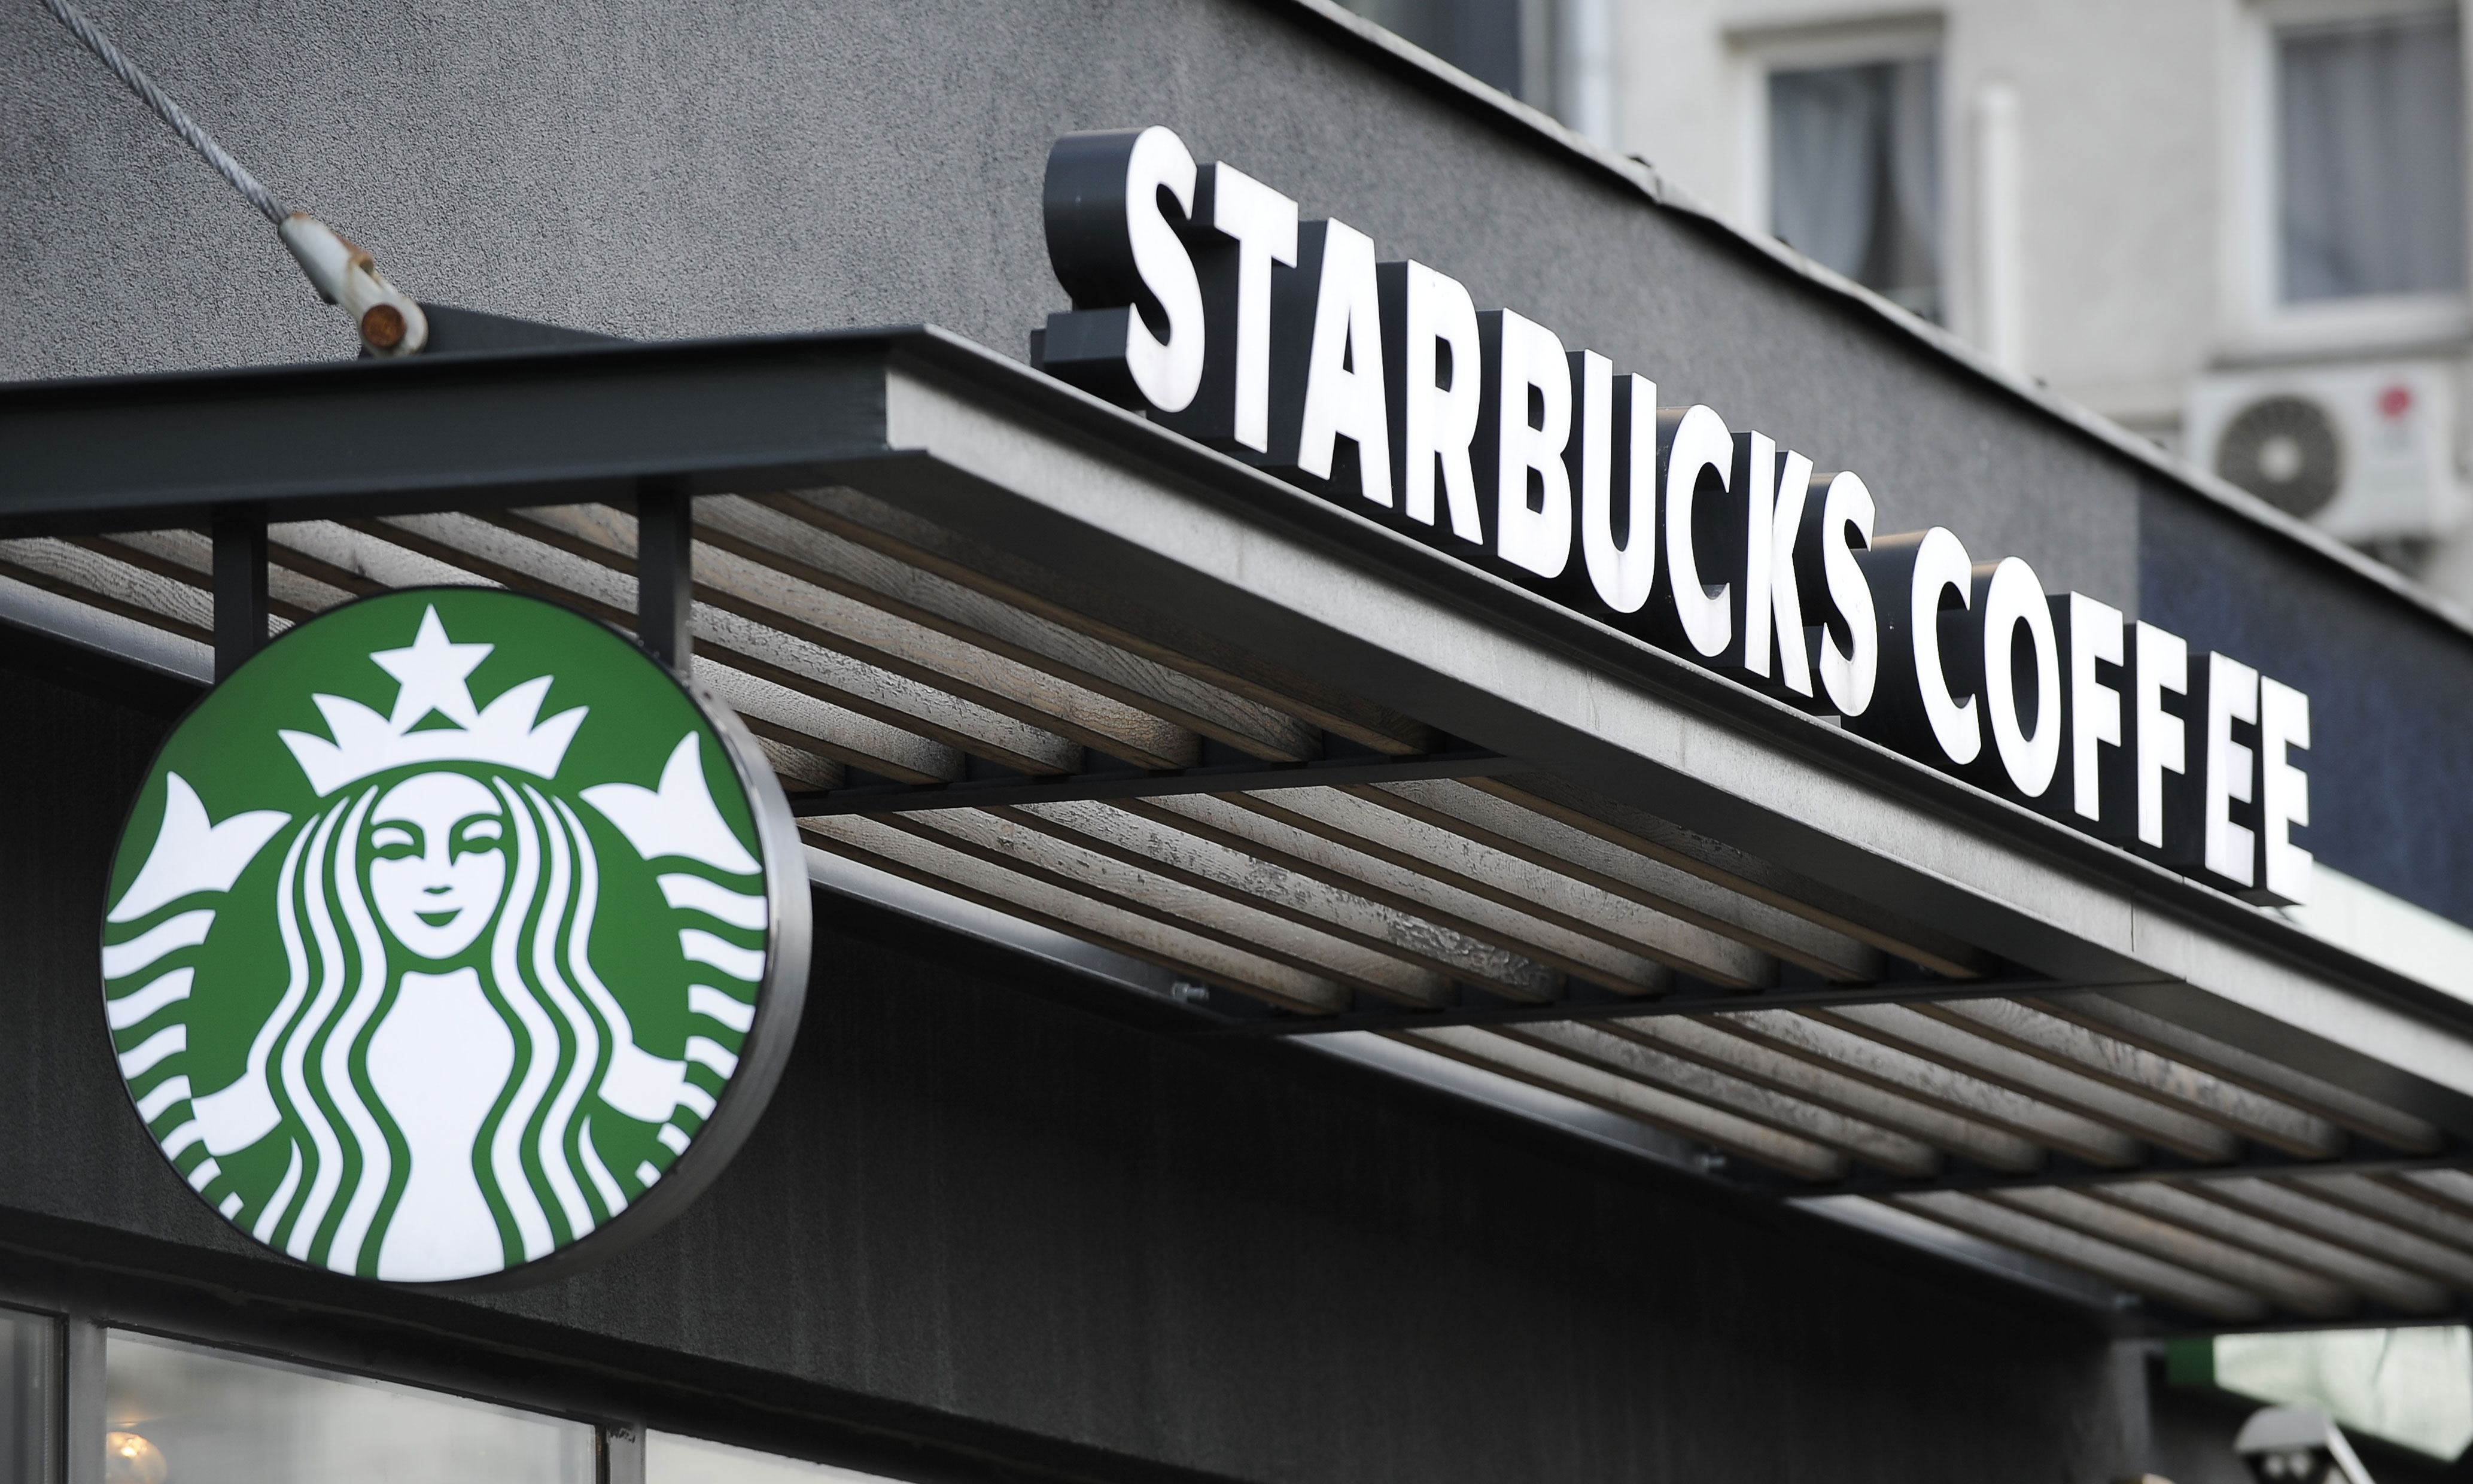 关闭全美门店一日,星巴克将对员工进行反歧视培训